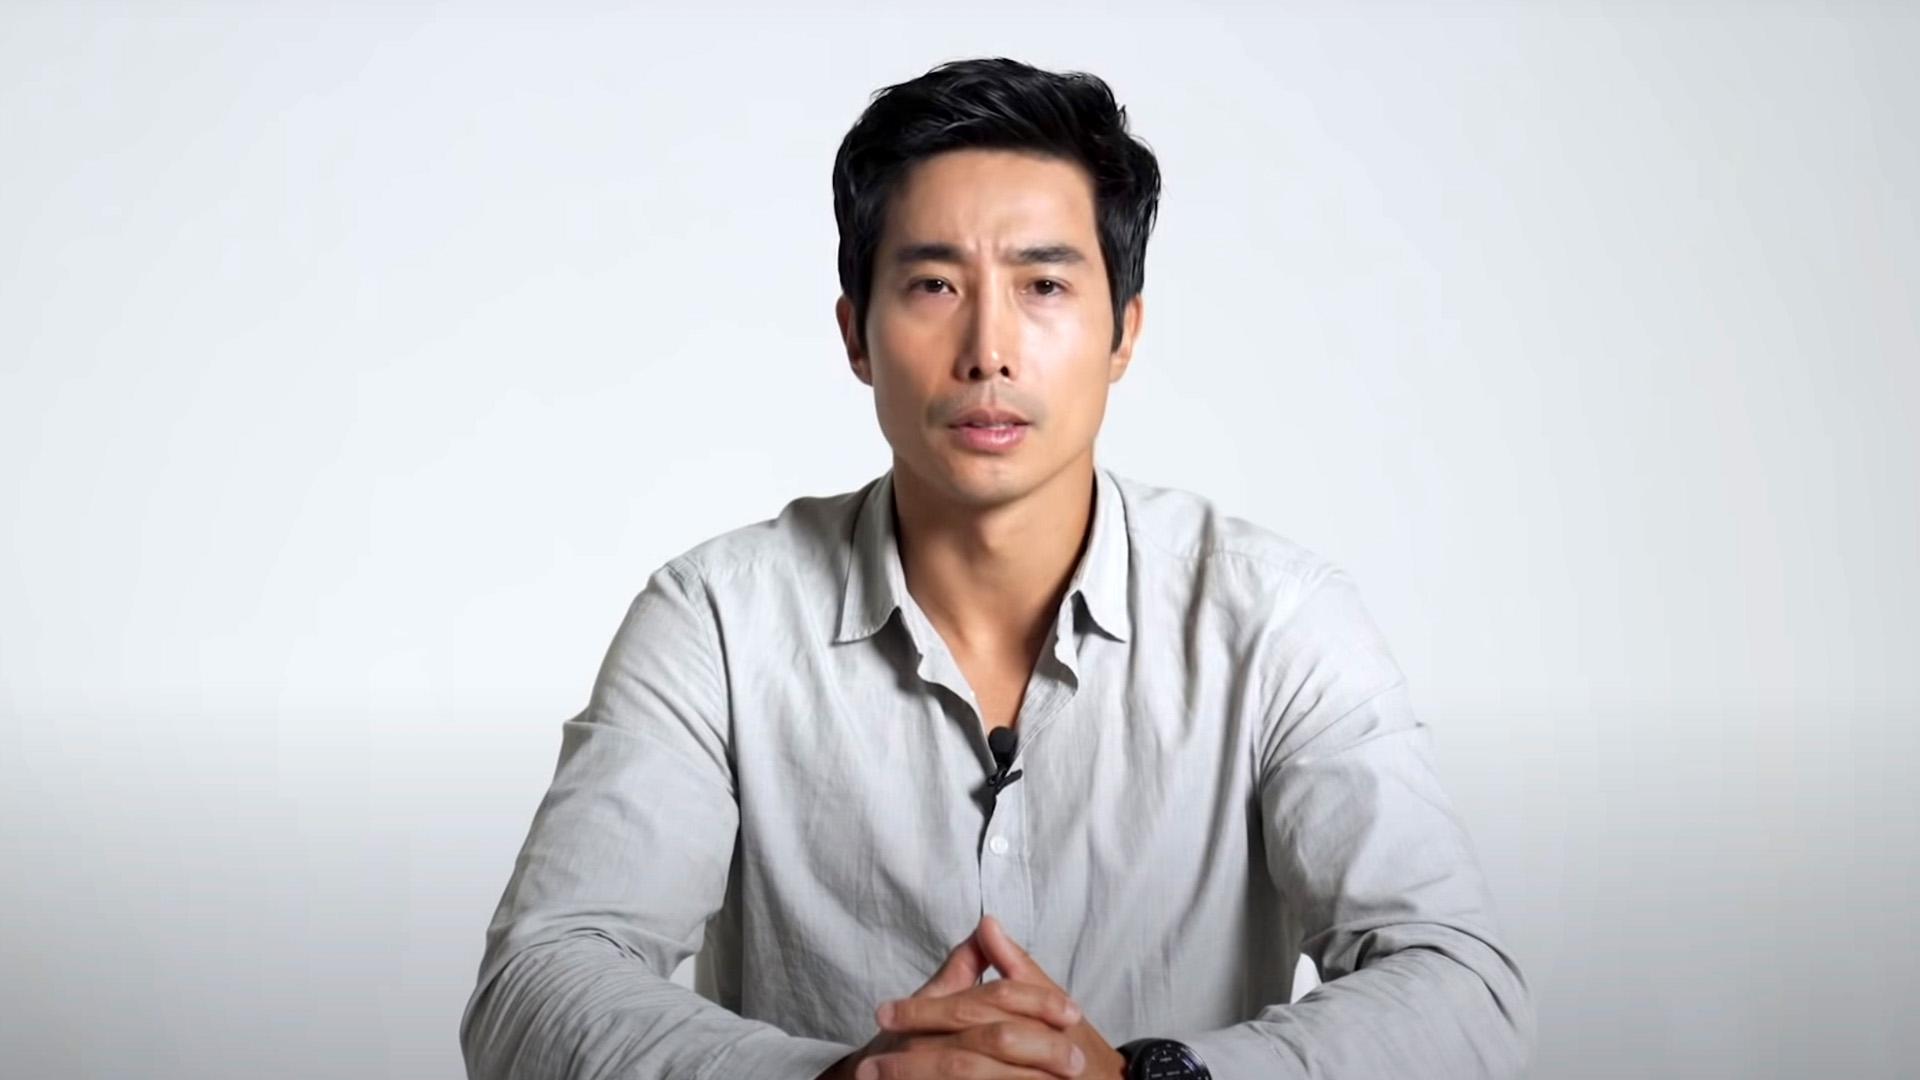 """[SNS 핫피플] """"채무 관계 해결했다""""…이근 대위 '빚투' 논란 일단락 外"""